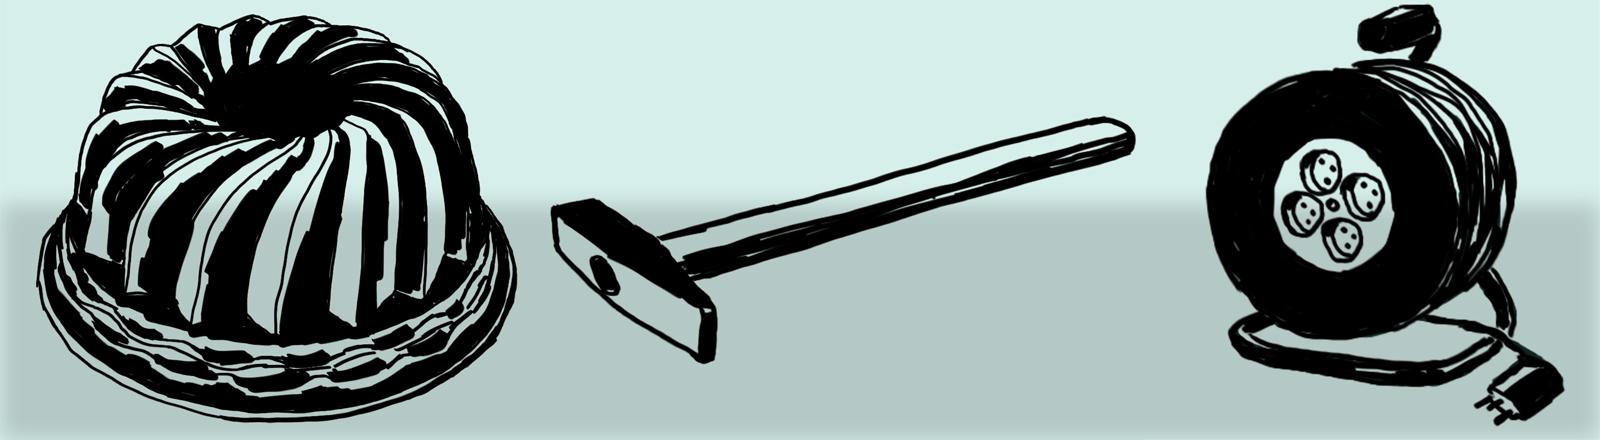 Ein Hammer, eine Gugelhupfform und eine Kabeltrommel vor blauem Hintergrund.